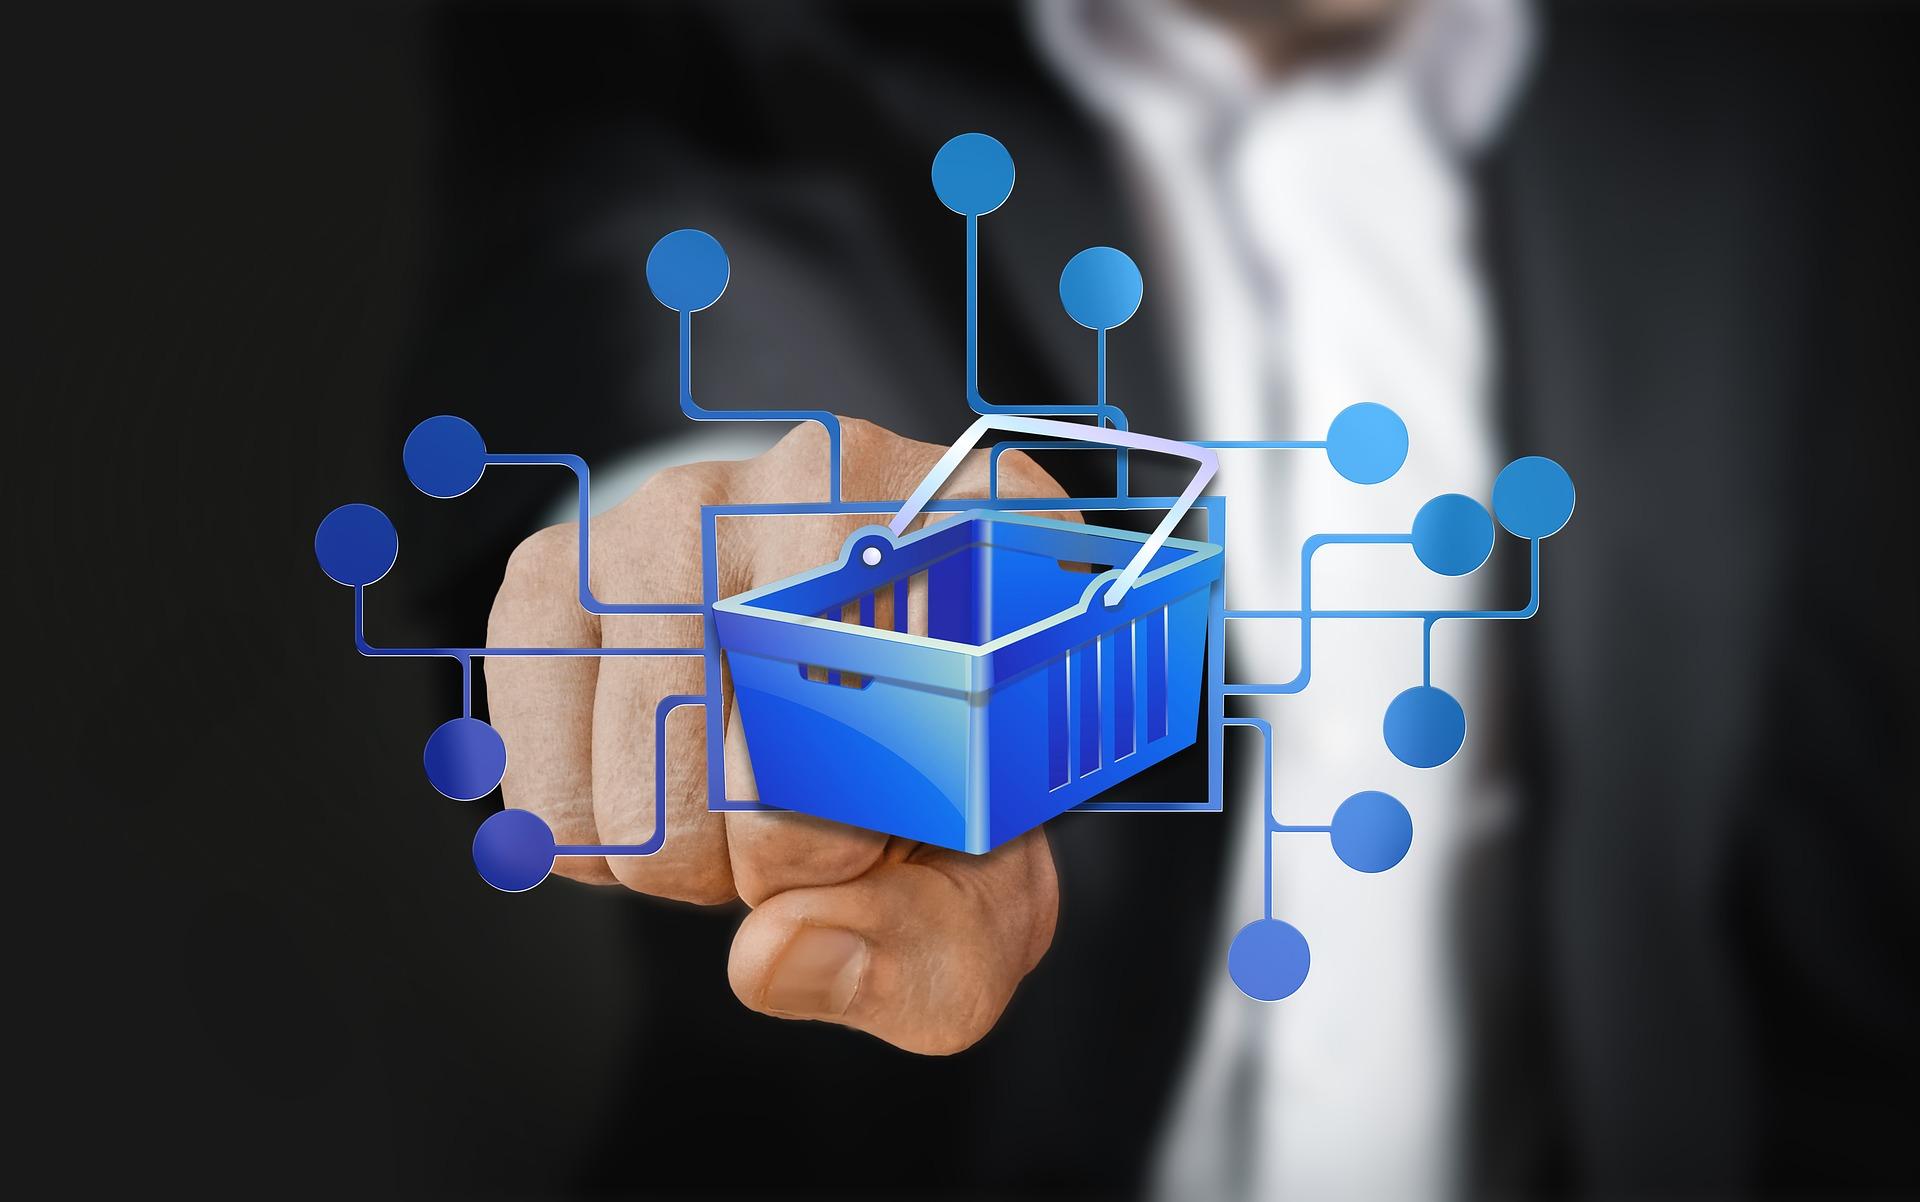 تقرير عن نمو التجارة الالكترونية في الإمارات